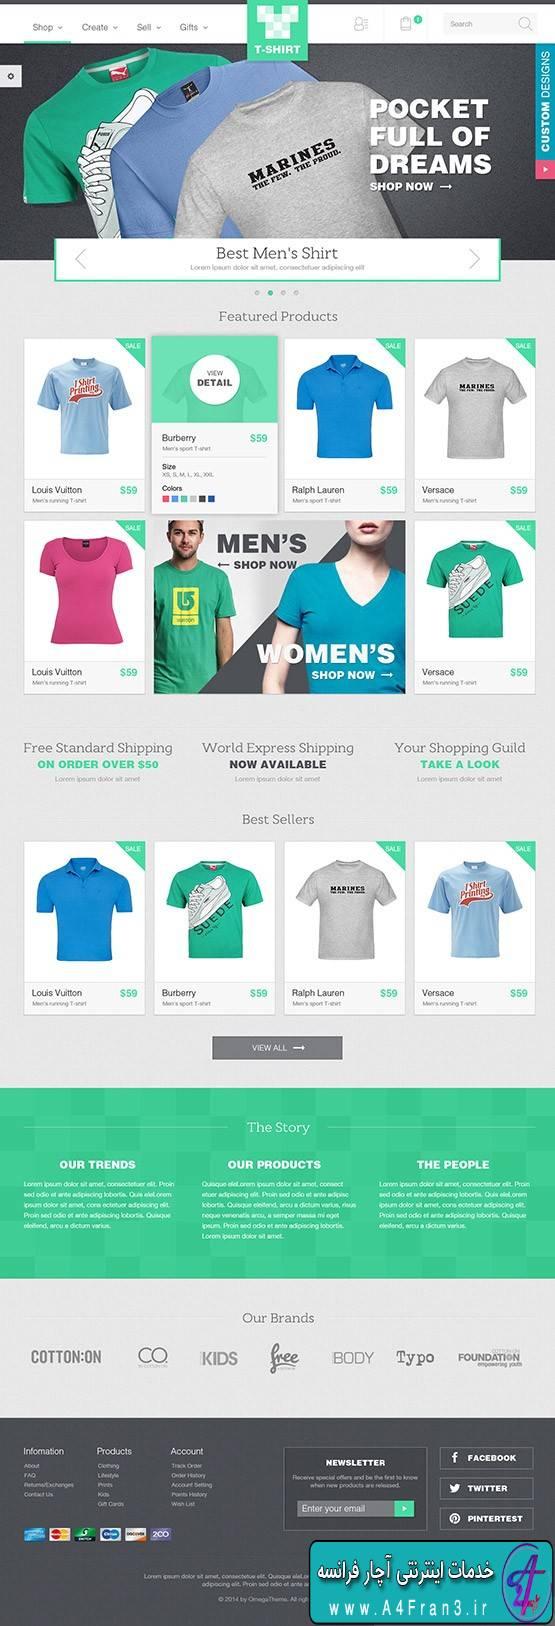 دانلود قالب فروشگاهی جوملا OT Tshirt راست چین